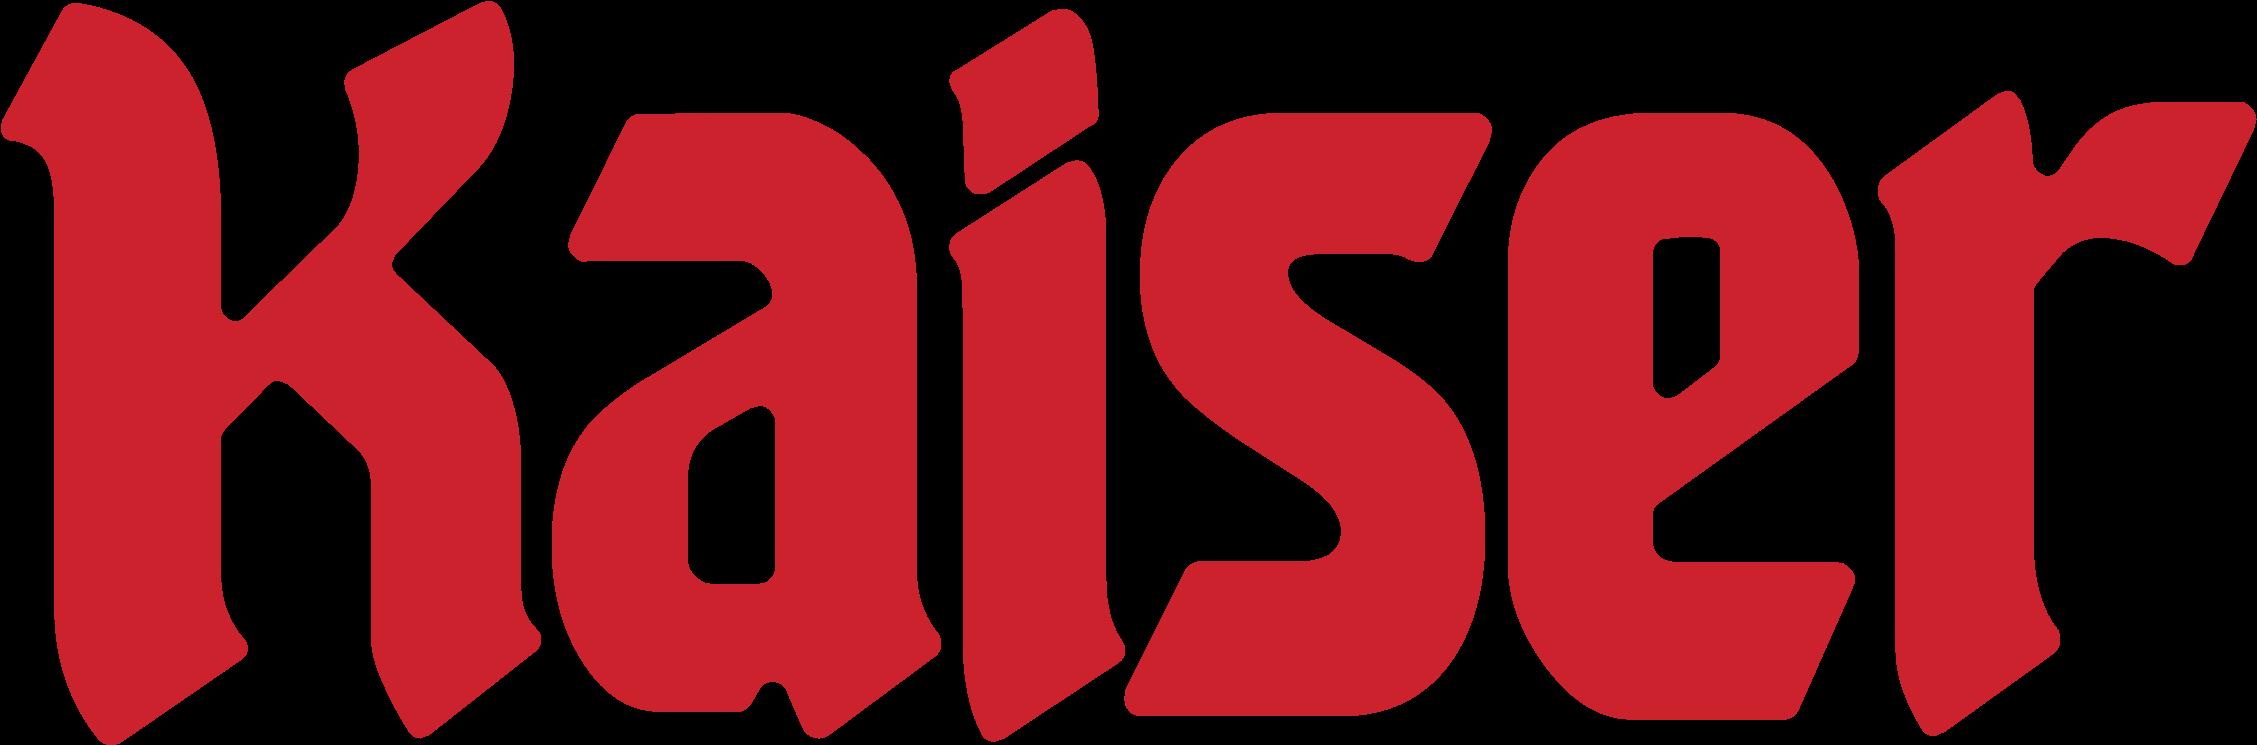 HD Kaiser Logo Png Transparent.